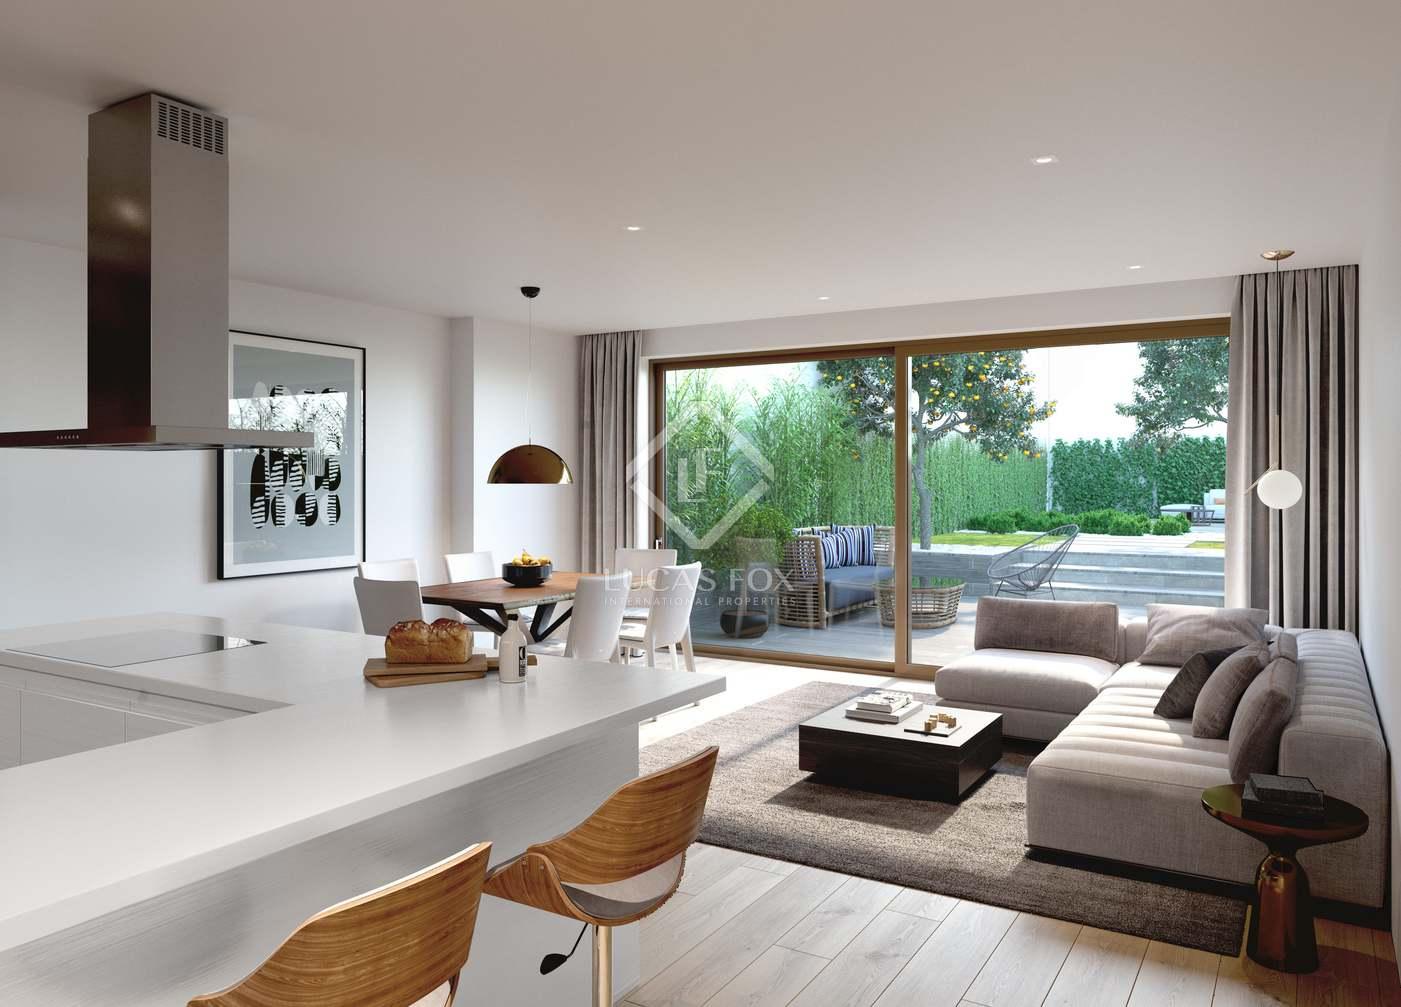 Piso en Dreta de l´Eixample. Piso dúplex de 2 dormitorios con jardín de 100 m² en venta en el